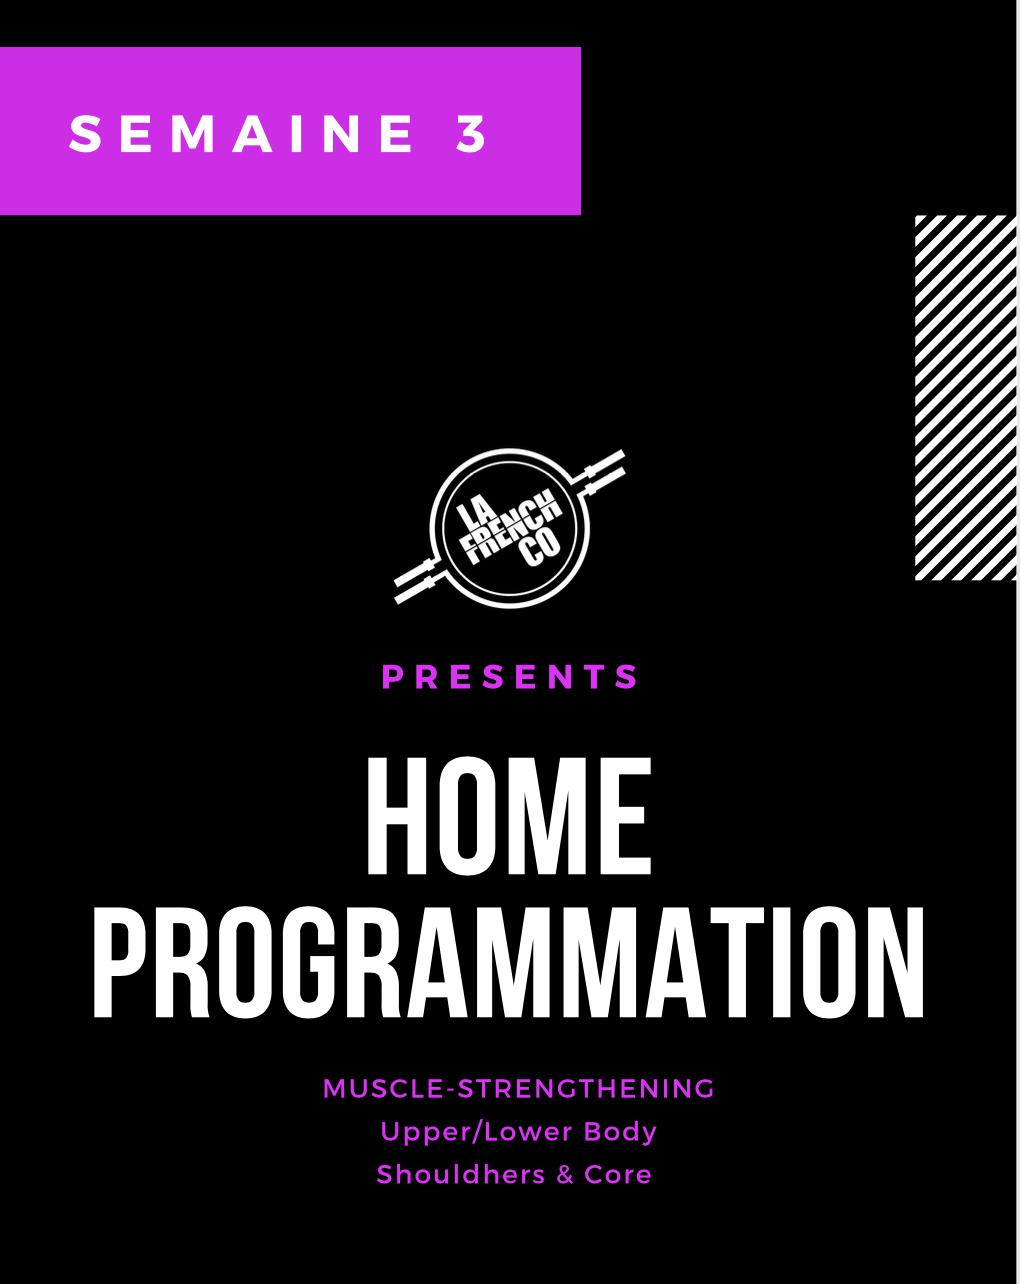 Home Prog, nouveau cycle, semaine 3